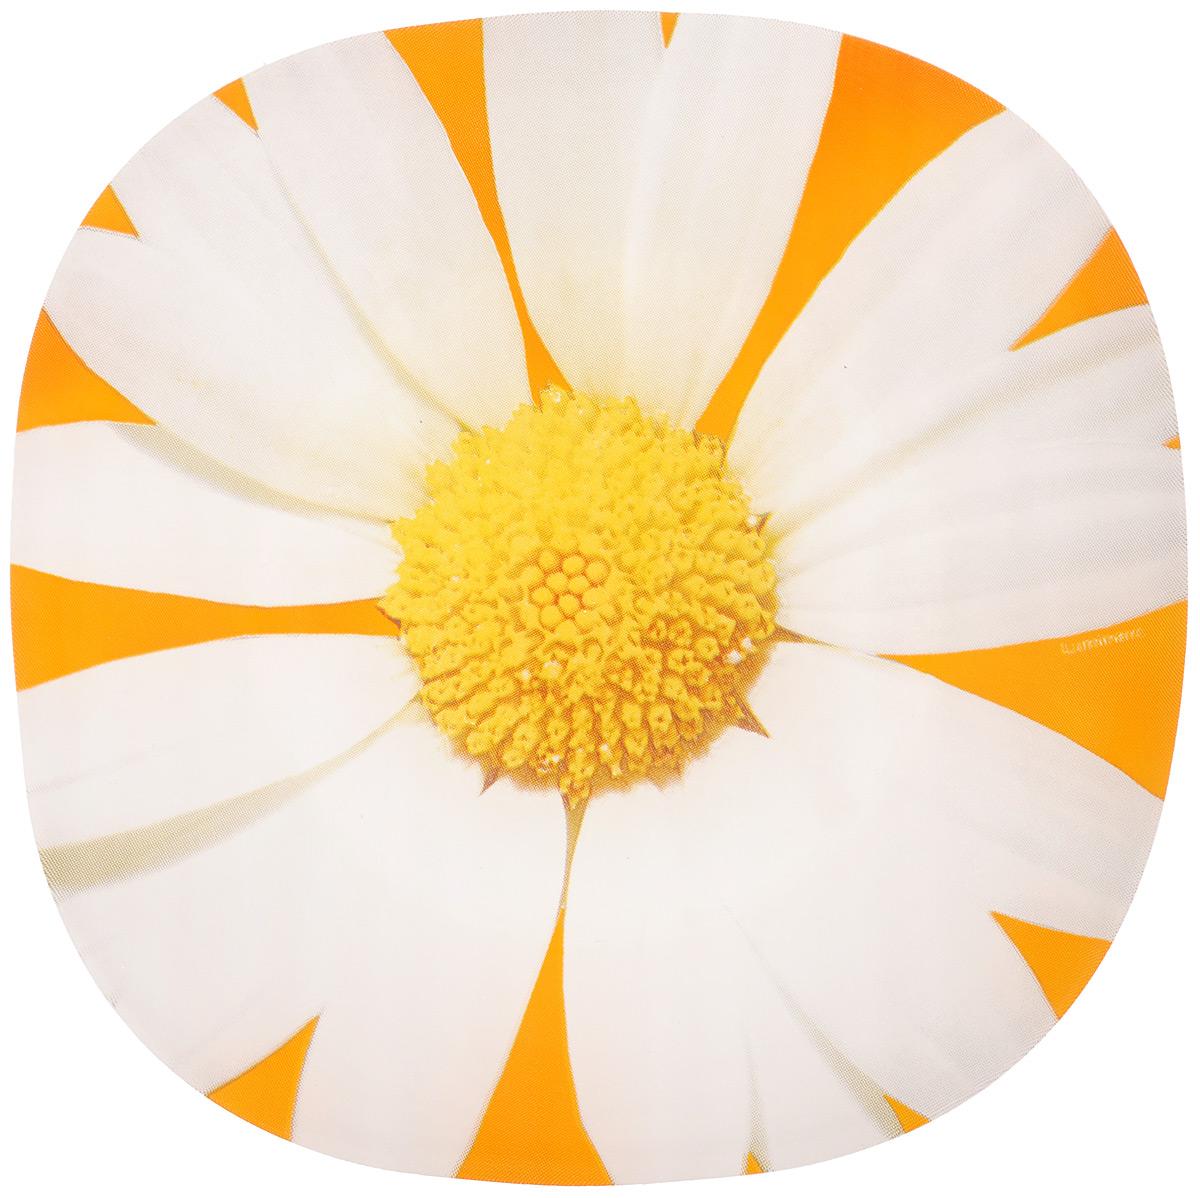 Тарелка десертная Luminarc Paquerette Melon, 18 х 18 см115510Десертная тарелка Luminarc Paquerette Melon, изготовленная из ударопрочного стекла, декорирована красочным изображением ромашки. Такая тарелка прекрасно подходит как для торжественных случаев, так и для повседневного использования. Идеальна для подачи десертов, пирожных, тортов и многого другого. Она прекрасно оформит стол и станет отличным дополнением к вашей коллекции кухонной посуды. Можно использовать в СВЧ и мыть в посудомоечной машине. Размер тарелки: 18 х 18 см. Высота тарелки: 1,5 см.